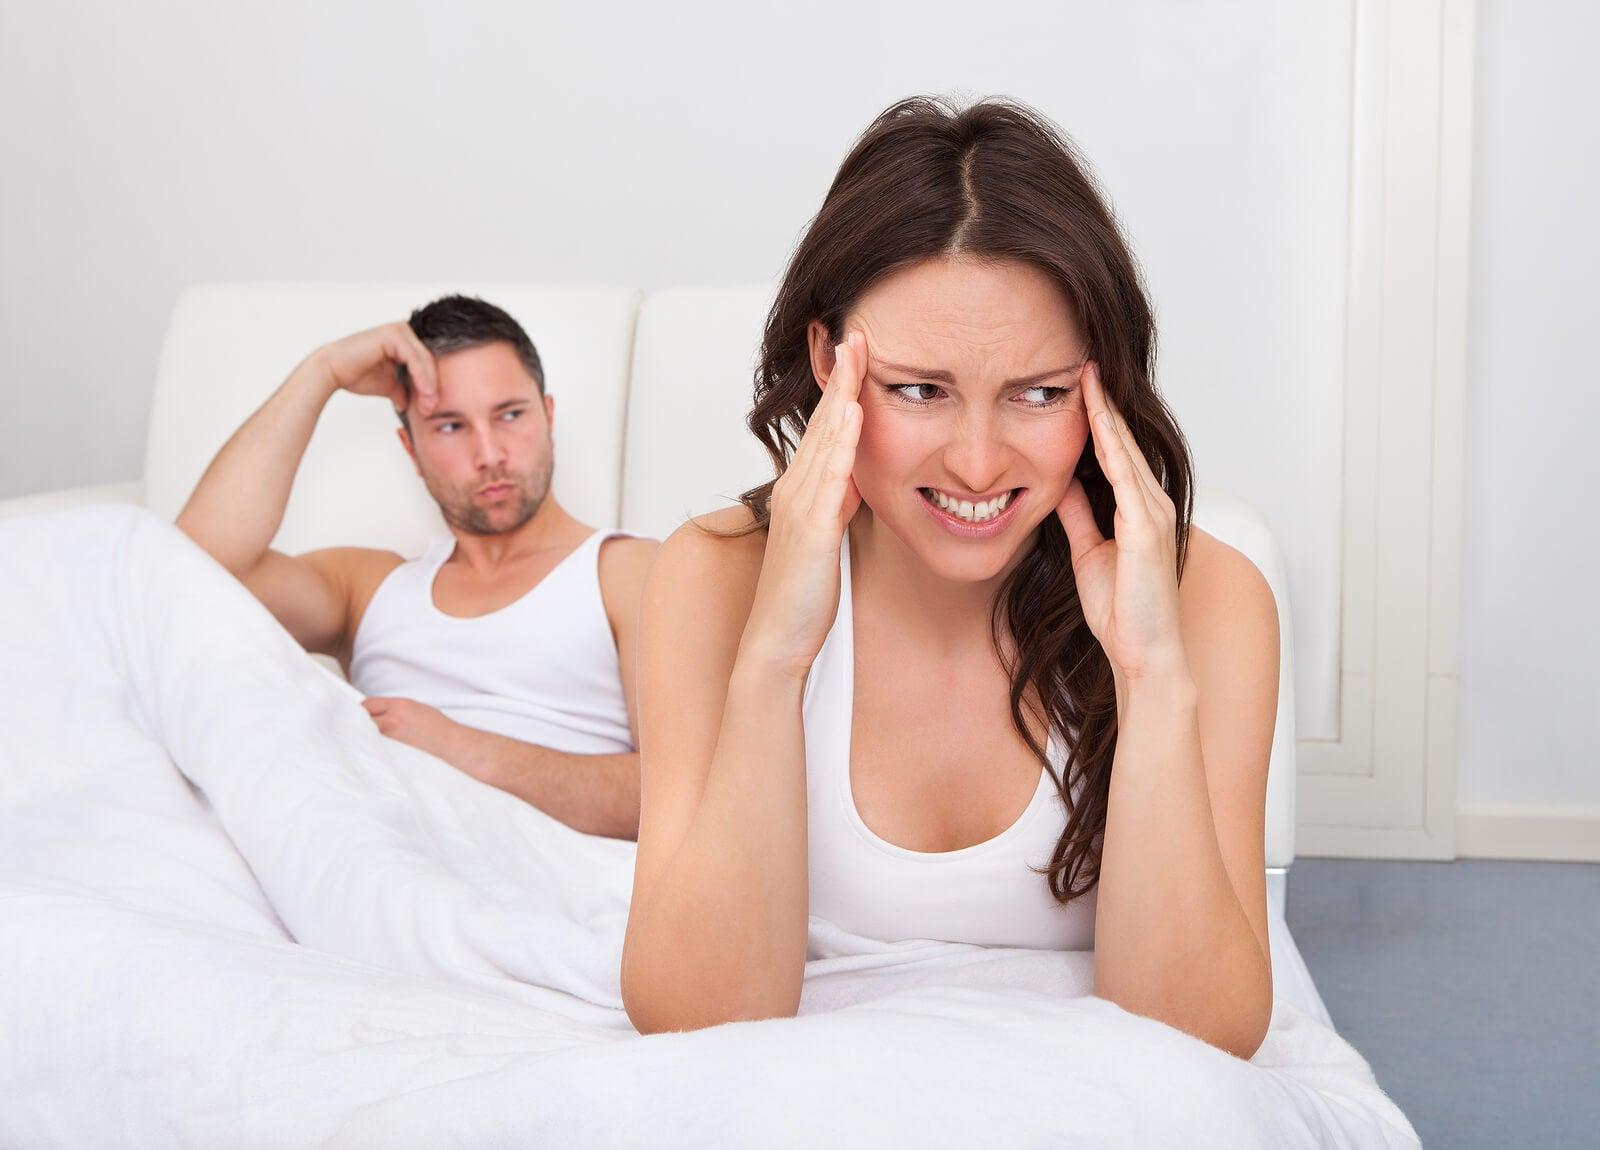 Errores que causan dolor al practicar sexo anal